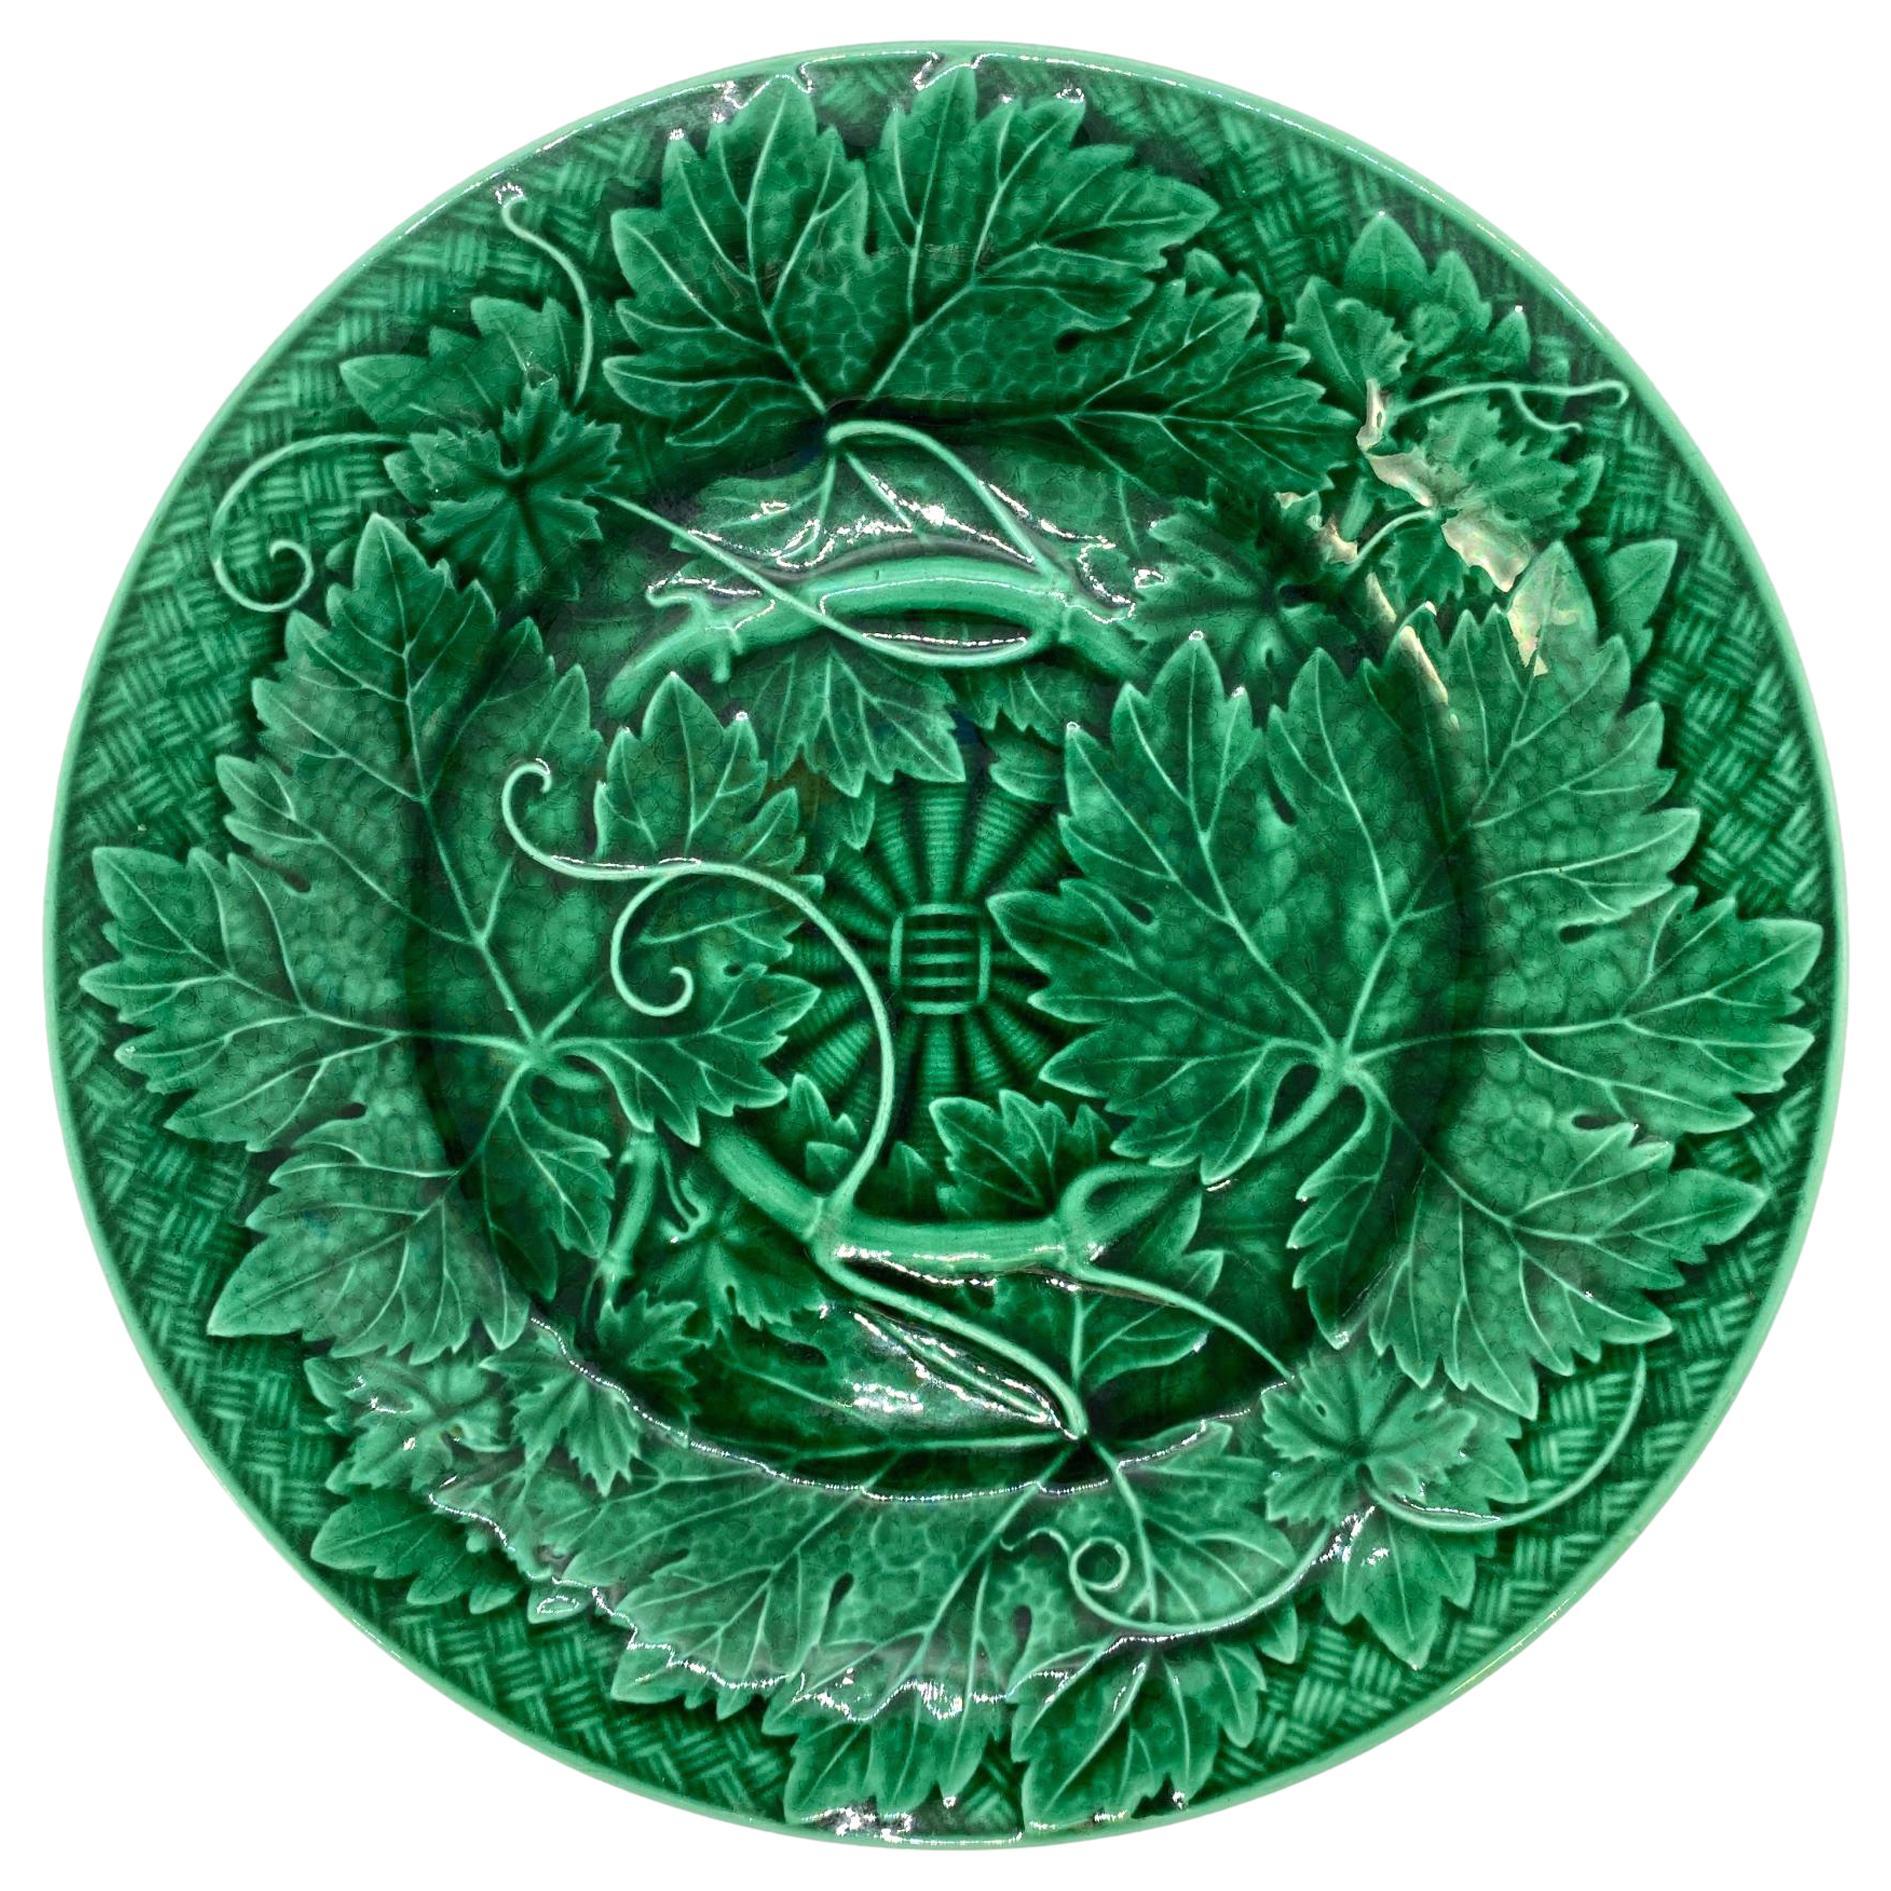 Wedgwood Majolica Green Glazed Basket Weave Plate, English, ca. 1885